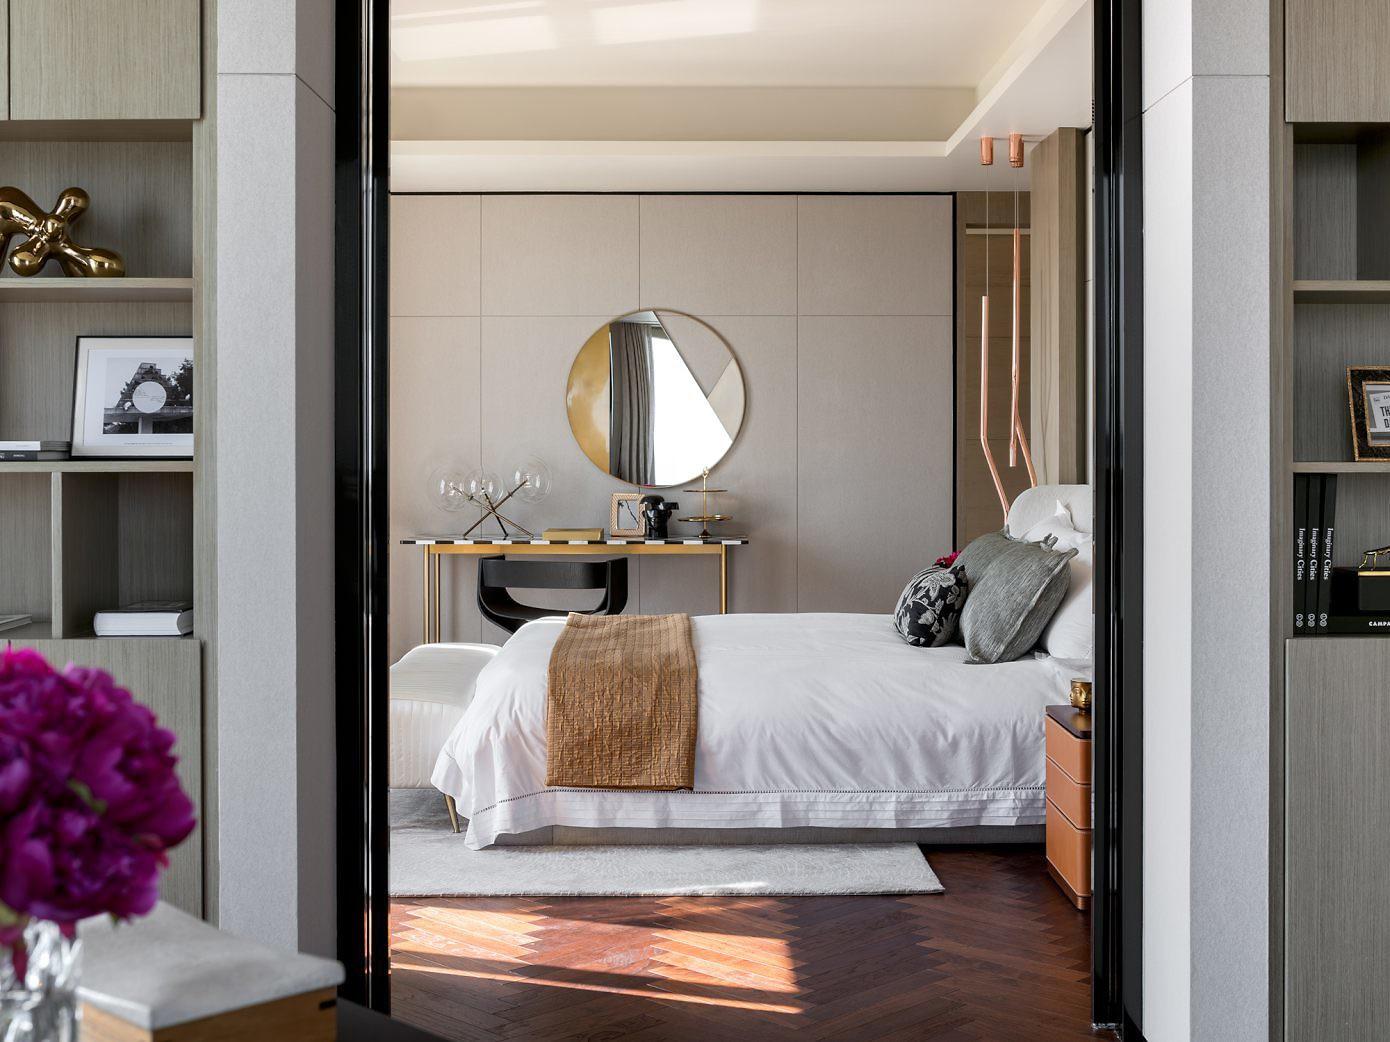 Slaapkamer van een luxe penthouse appartement uit China